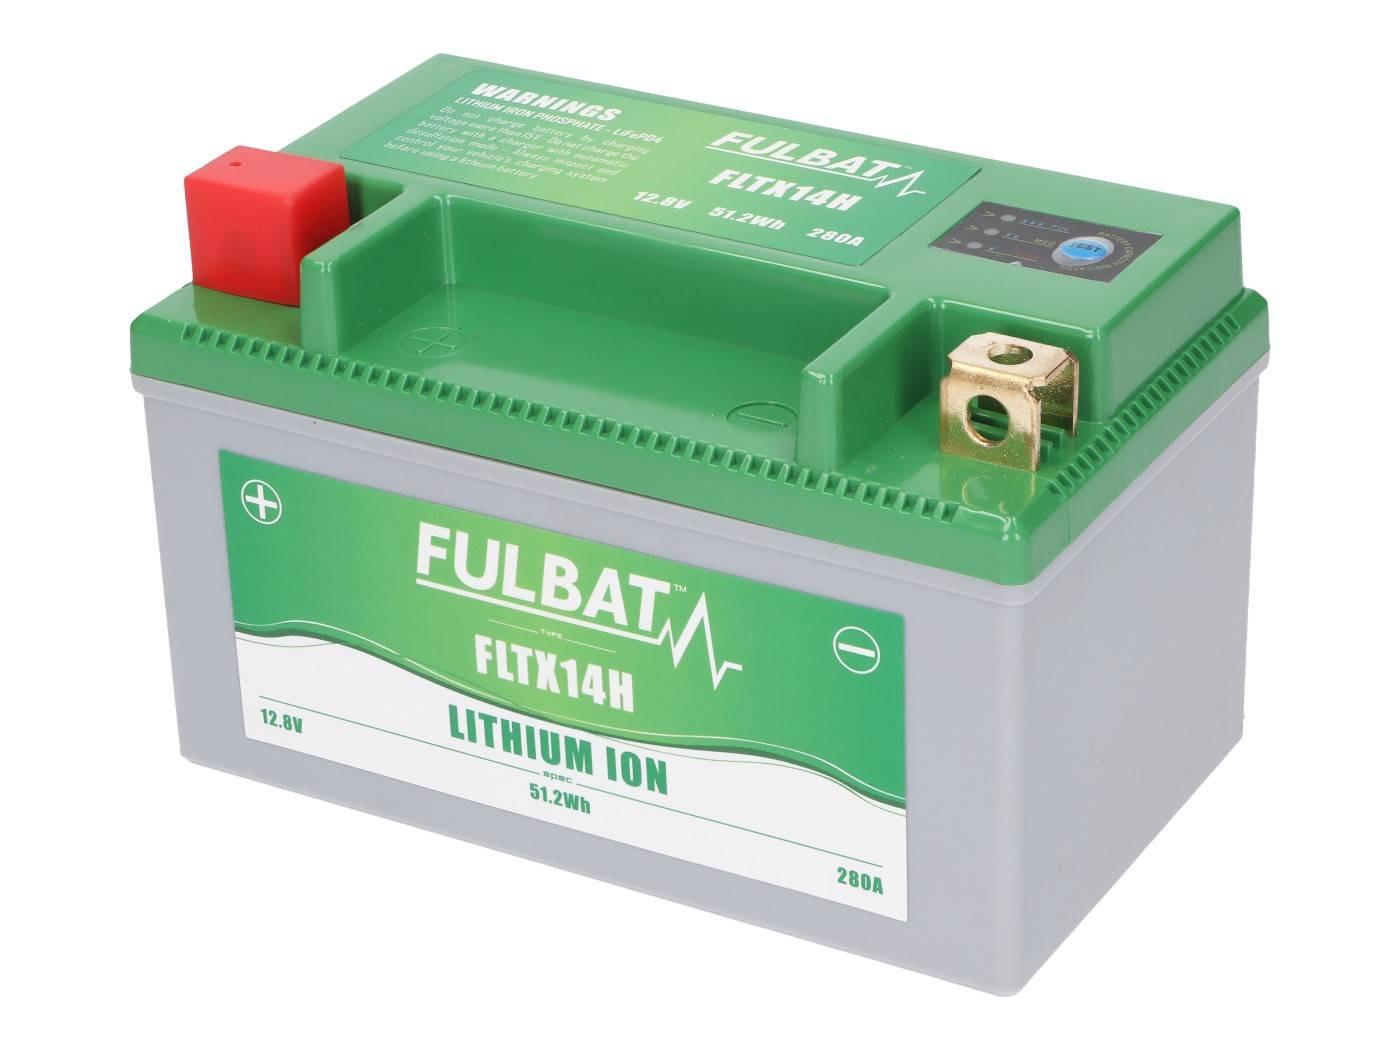 Fulbat FLTX14H lítium-ion akkumulátor